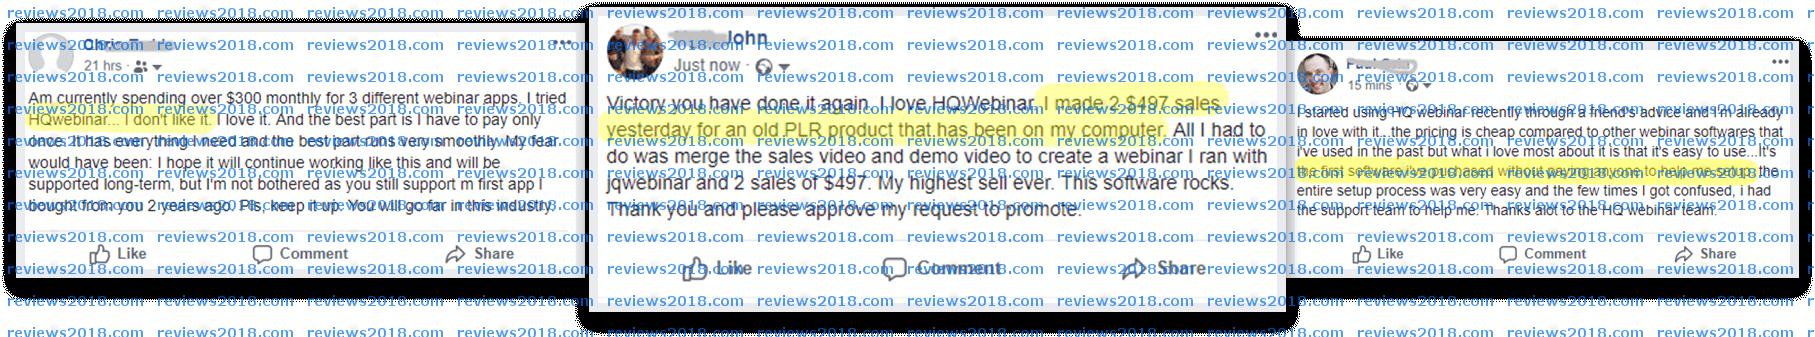 HQWebinar Review